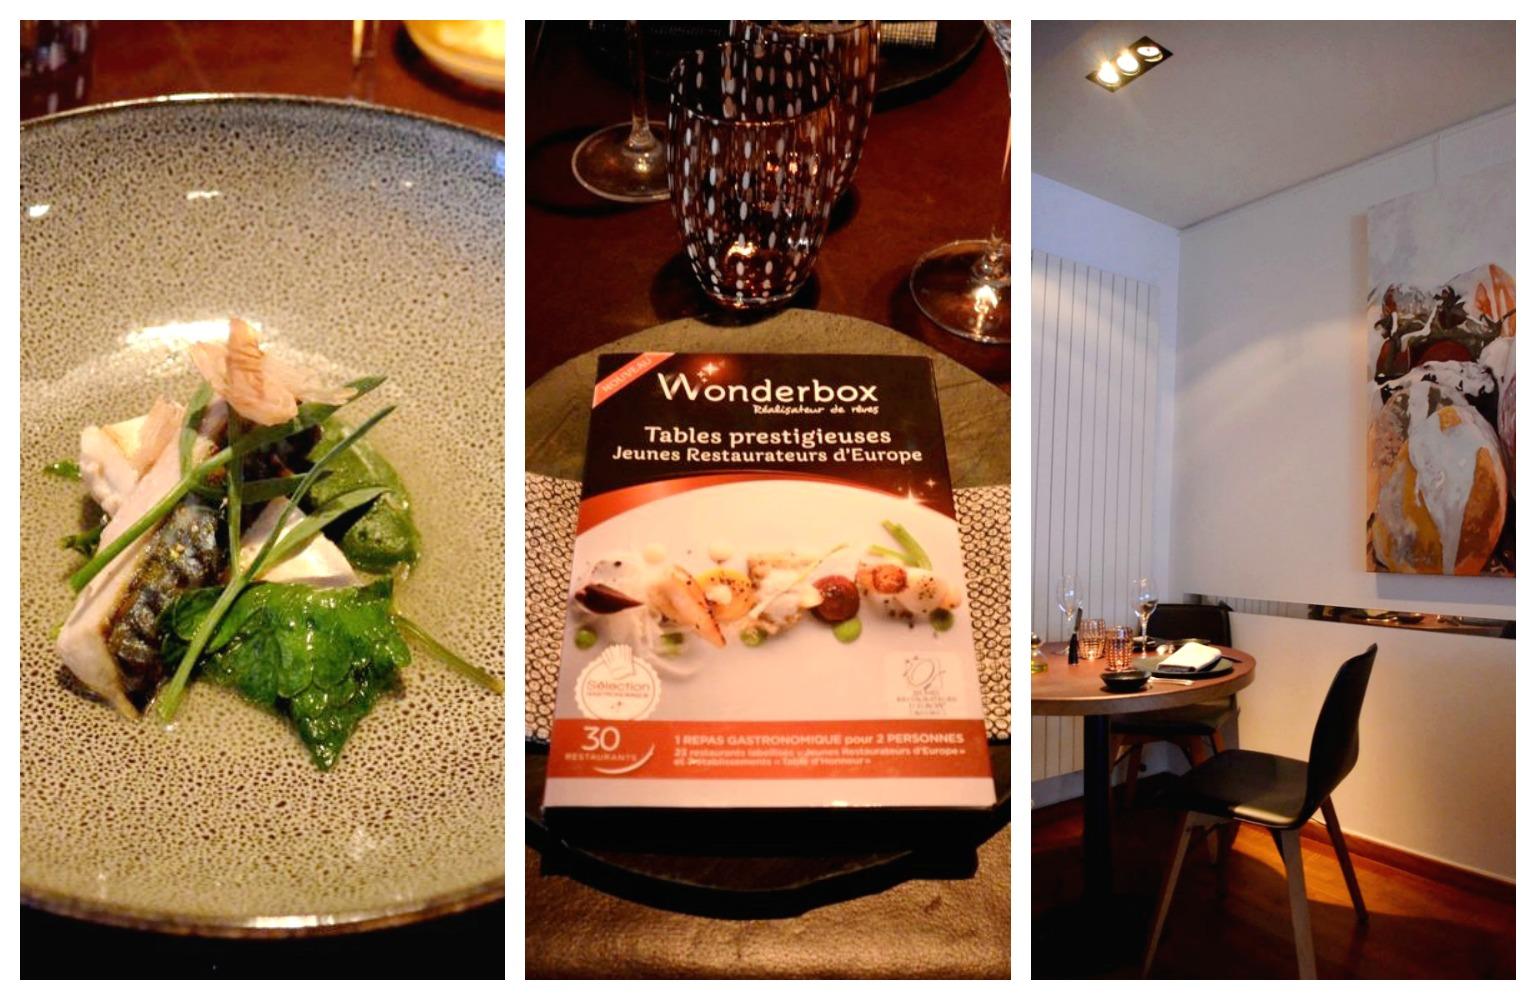 Wonderbox tables prestigieuses jeunes restaurateurs d 39 europe - Wonderbox table prestigieuse ...